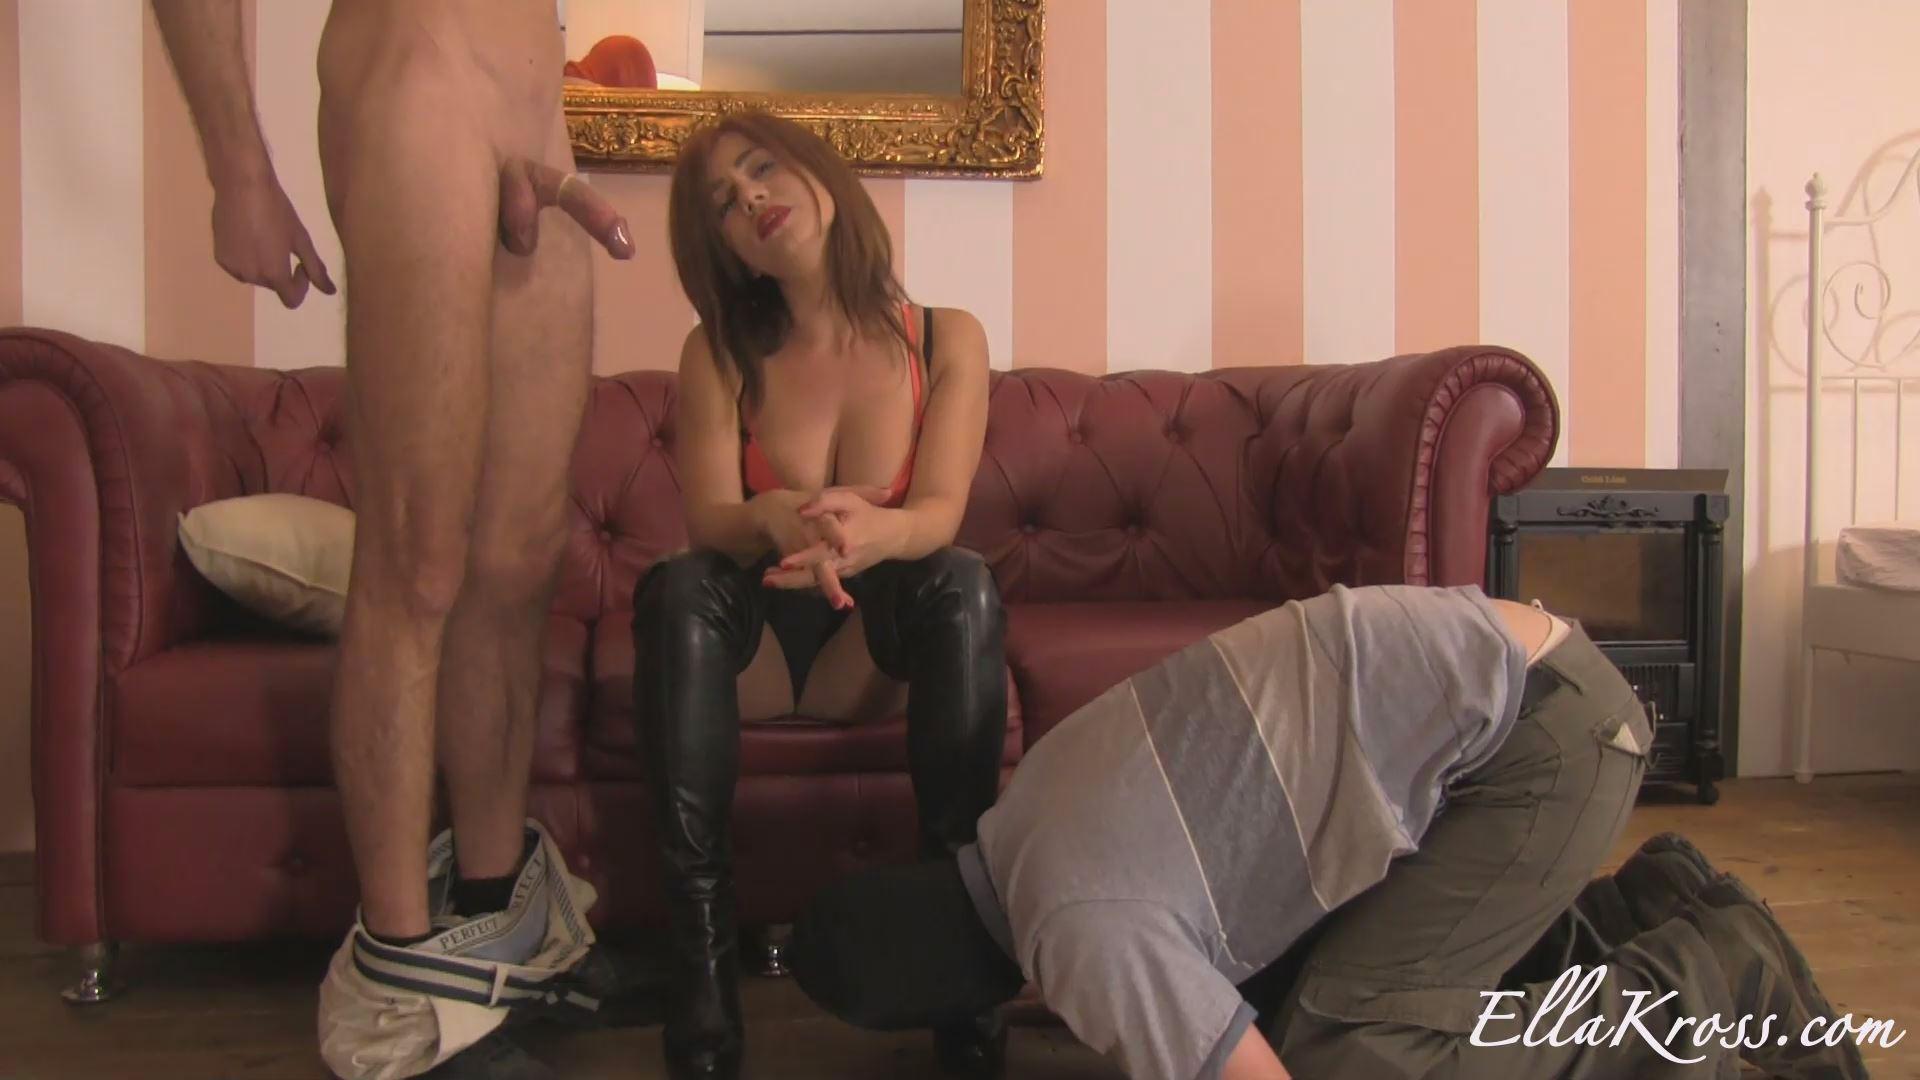 Mistress Ella Kross In Scene: Making a Potential Slave Suck Cock - ELLAKROSS - FULL HD/1080p/MP4